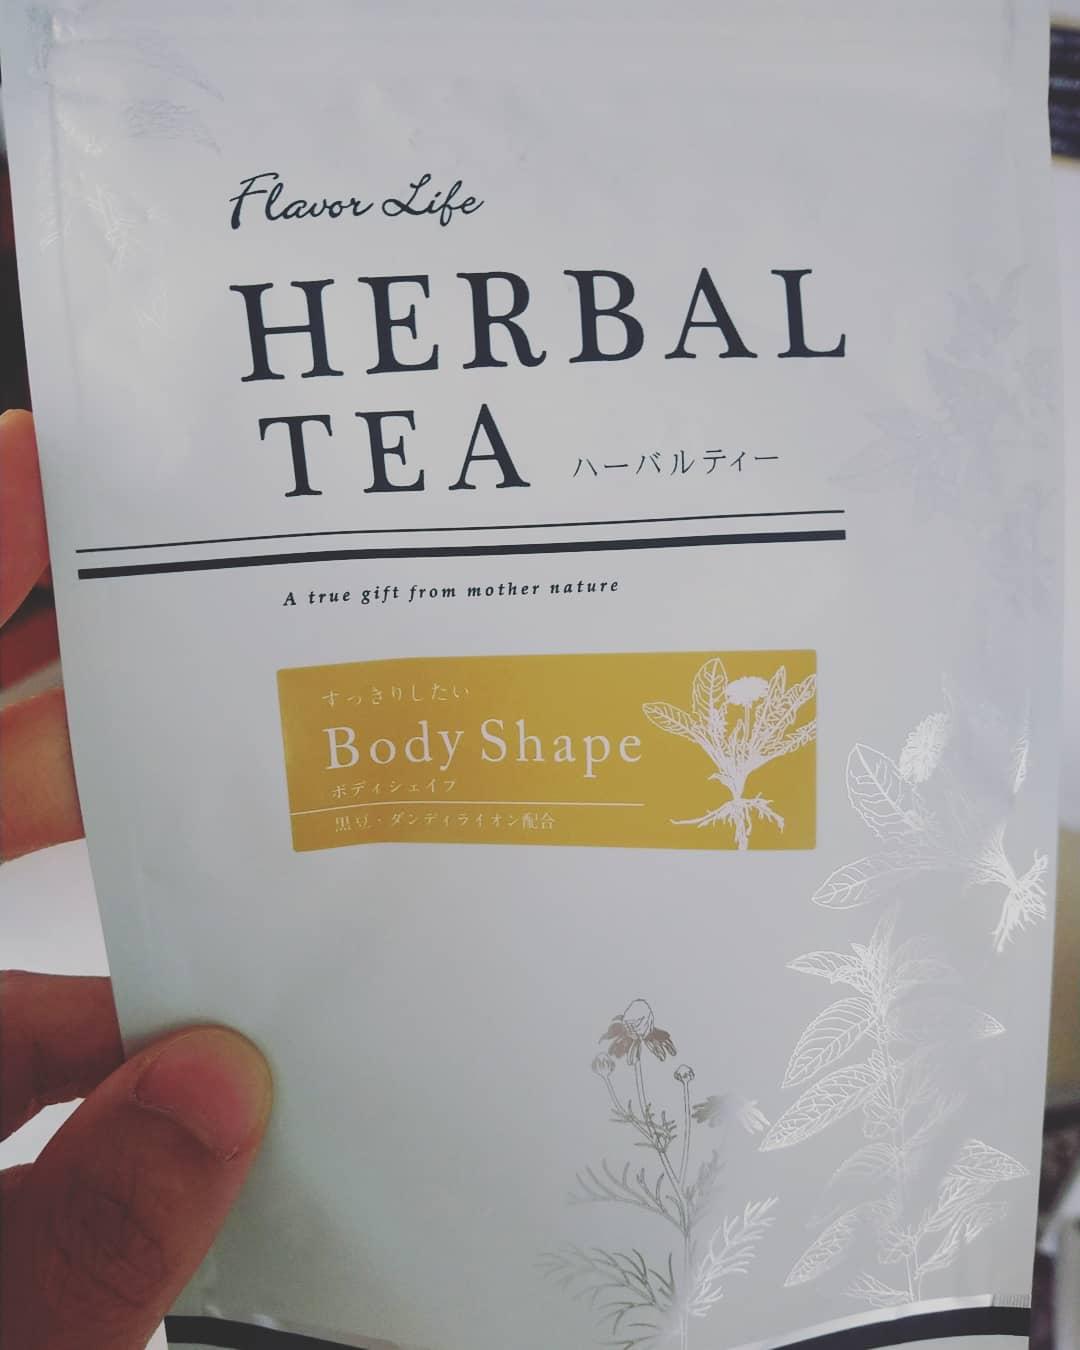 オススメハーブティー♪フレーバーライフの*ボディシェイプティー黒豆、ダンディライオン、チコリ、ゴボウ、ジュニパーベリー等が入ったノンカフェイン・香料不使用のハーブティーです。タンディライオンは俗にたんぽぽ茶で知られ、授乳中や、妊婦さんにも安心のハーブですね!このお茶は毒出し茶と言ってもいいくらい、体内の毒素や老廃物の排出を助け、むくみケアや肝臓腎臓を浄化し、脂肪の生成を抑え血液サラサラ にしてくれます。また消化不良を改善してくれる効果があるので、* #夜遅くに食事の習慣がある方* #便秘ぎみの方 にもオススメです️サロンでは、ボディメニューの方や仕事帰りの方、便秘ぎみの方によくお出しするお茶です。皆様サロンにいる間に2〜3回は必ずお手洗いに行かれるくらい即効性があります(笑)夕方むくみやすい方や毒出しされたい方にはとってもおすすめですよ!店舗販売もしておりますので、気になる方はお問い合わせ下さいませ♪仙台エステサロンはなまりご予約はこちらから↓↓*ホットペッパービューティhttps://beauty.hotpepper.jp/kr/slnH000498377/*楽天ビューティーhttps://beauty.rakuten.co.jp/s9000045122/*LINE:nenenomam#仙台 #エステ #毒出し #毒出し茶 #むくみ撃退 #肝臓疲労 #腎臓疲労 #浄化 #血液サラサラ #タンディライオン #チコリ #ジュニパーベリー #黒豆 #消化不良改善 #痩身 #便秘改善 #ファスティング #ファスティングマイスター #ファスティングプロフェショナルマイスター #ノンカフェイン #ポリフェノール#オススメのハーブティー